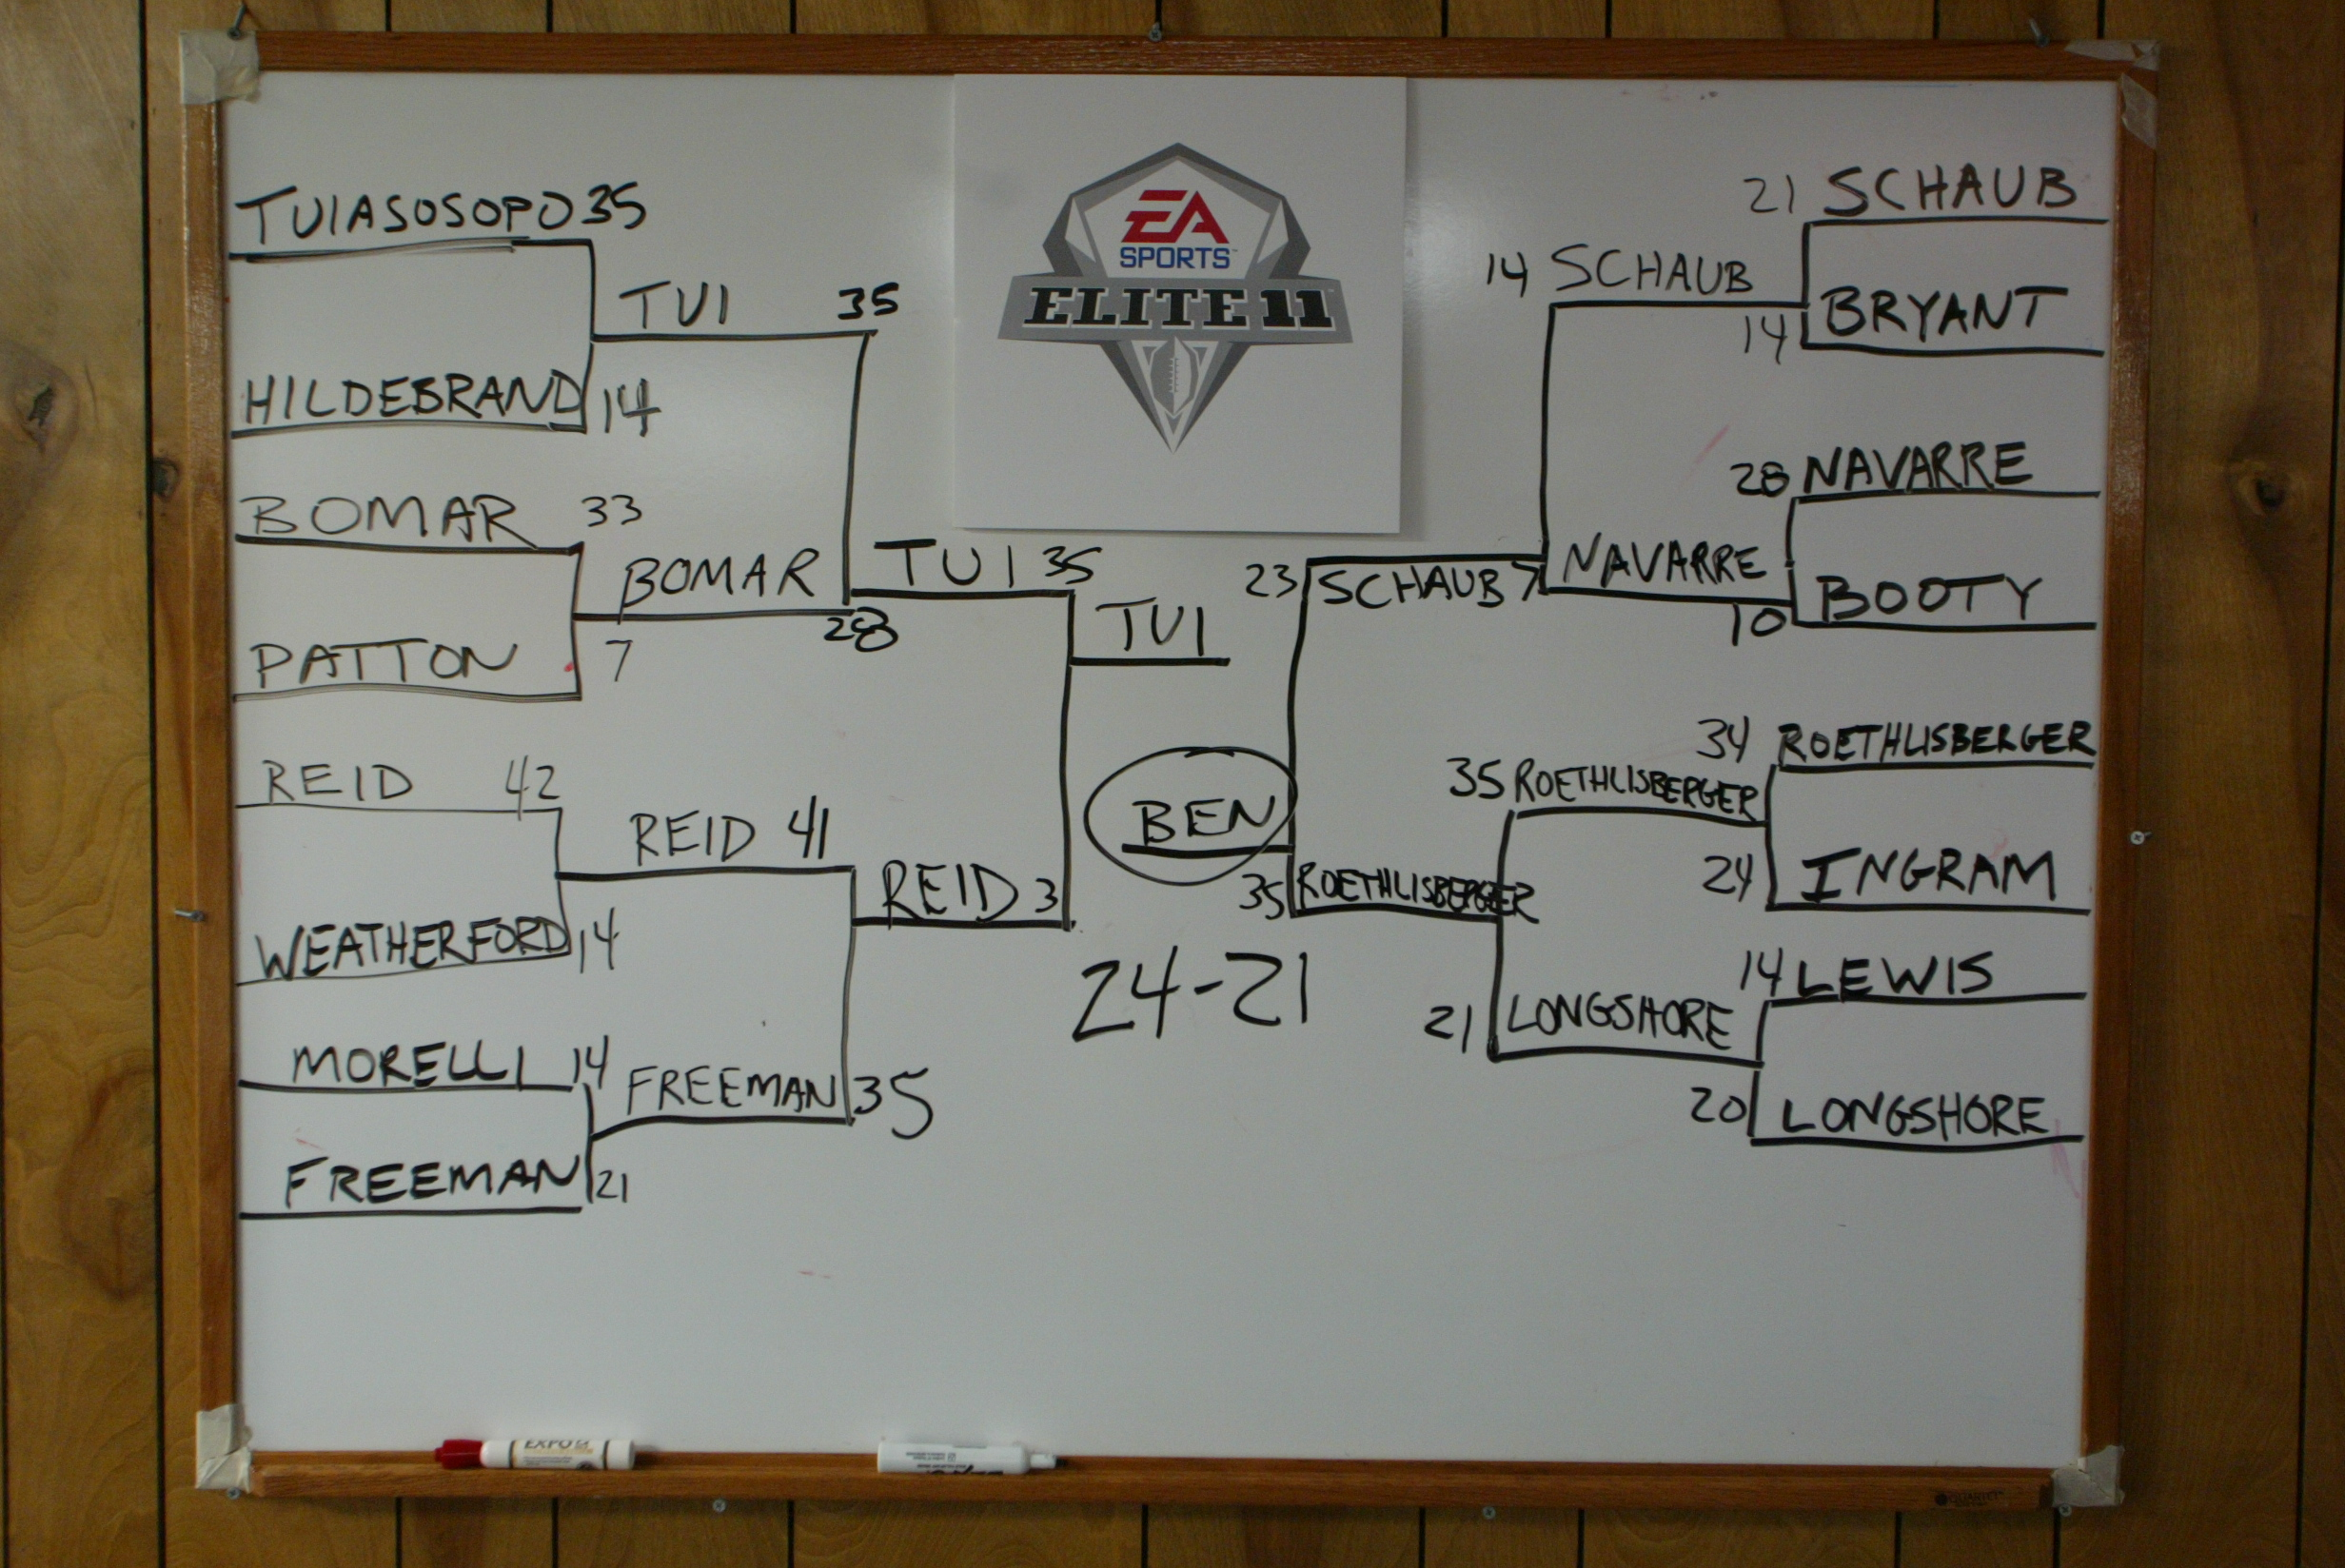 Final Elite 11 NCAA Tourney Bracket